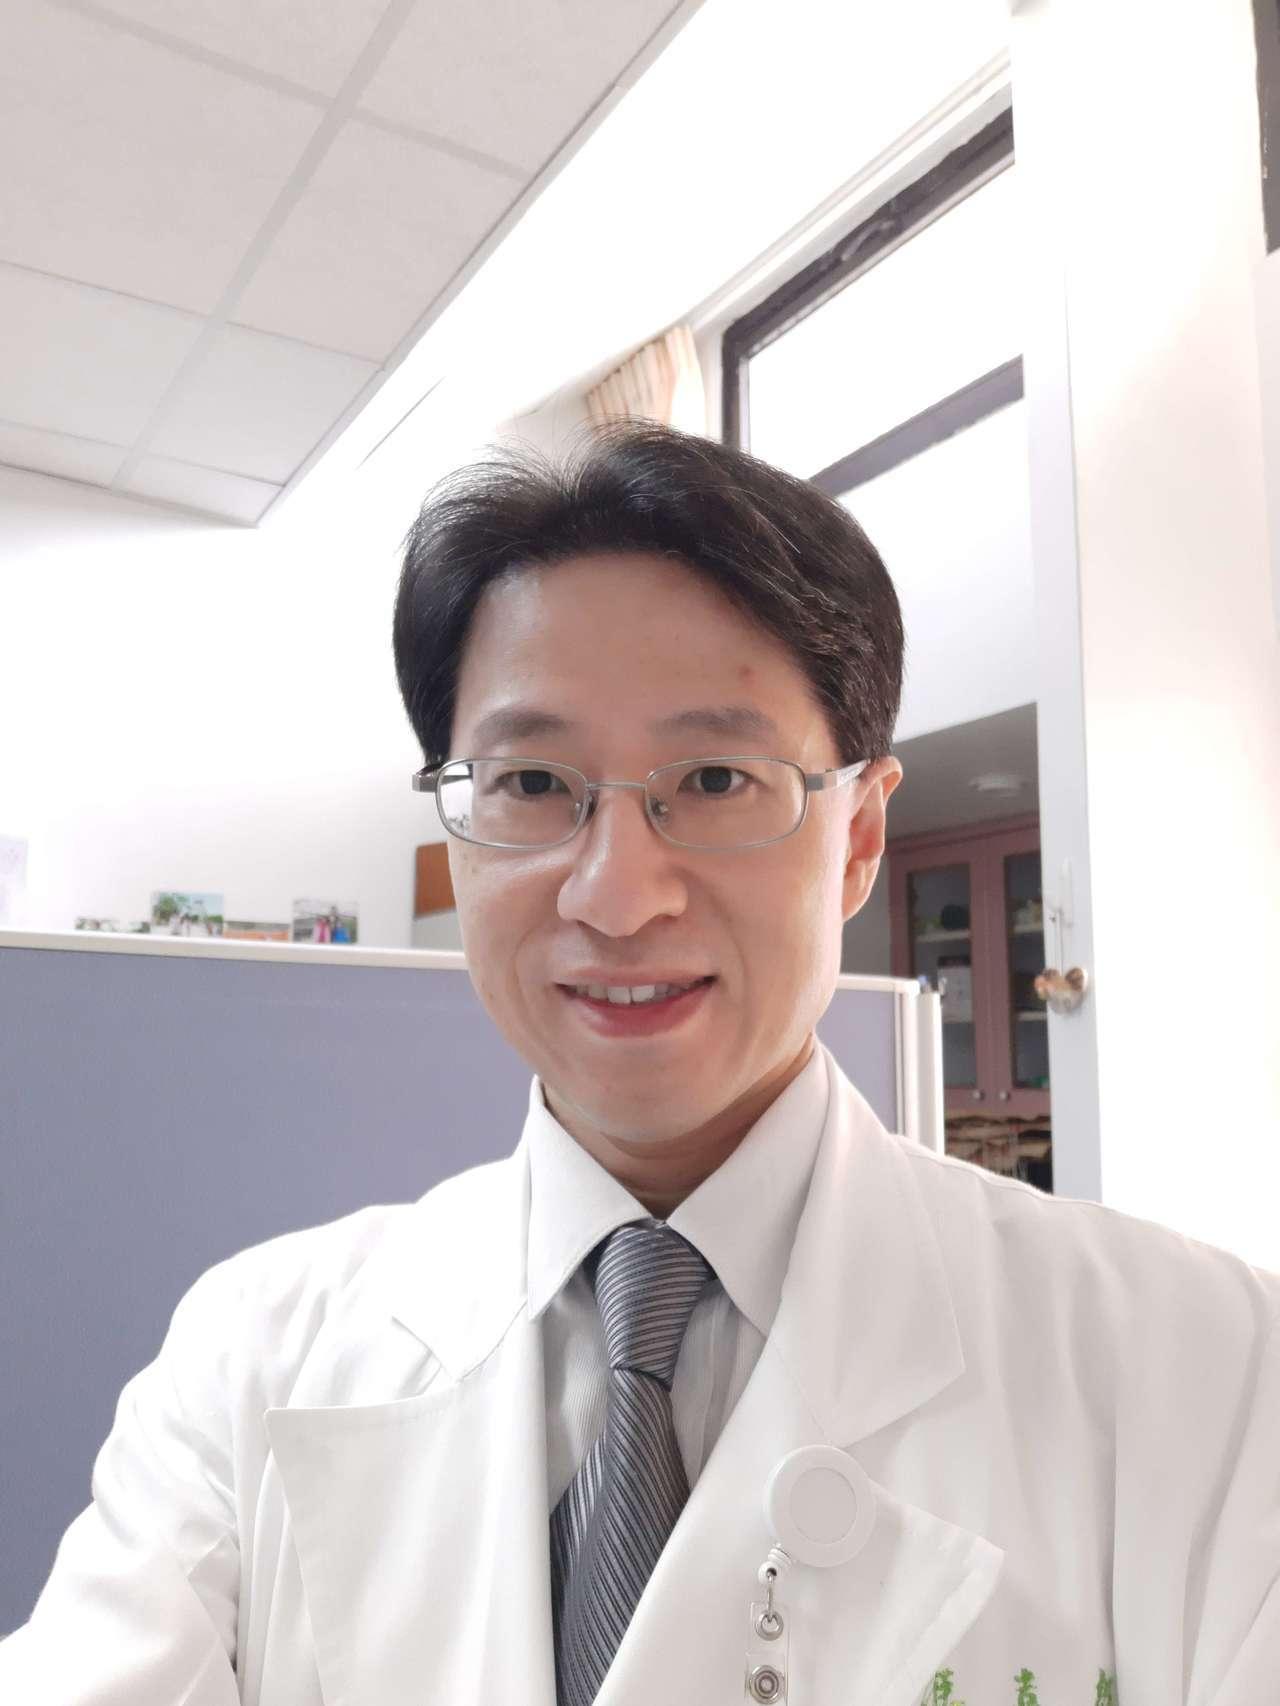 台北榮總胸腔部主治醫師馮嘉毅日前接獲一名八十歲的患者,合併有糖尿病、肺阻塞、心臟...